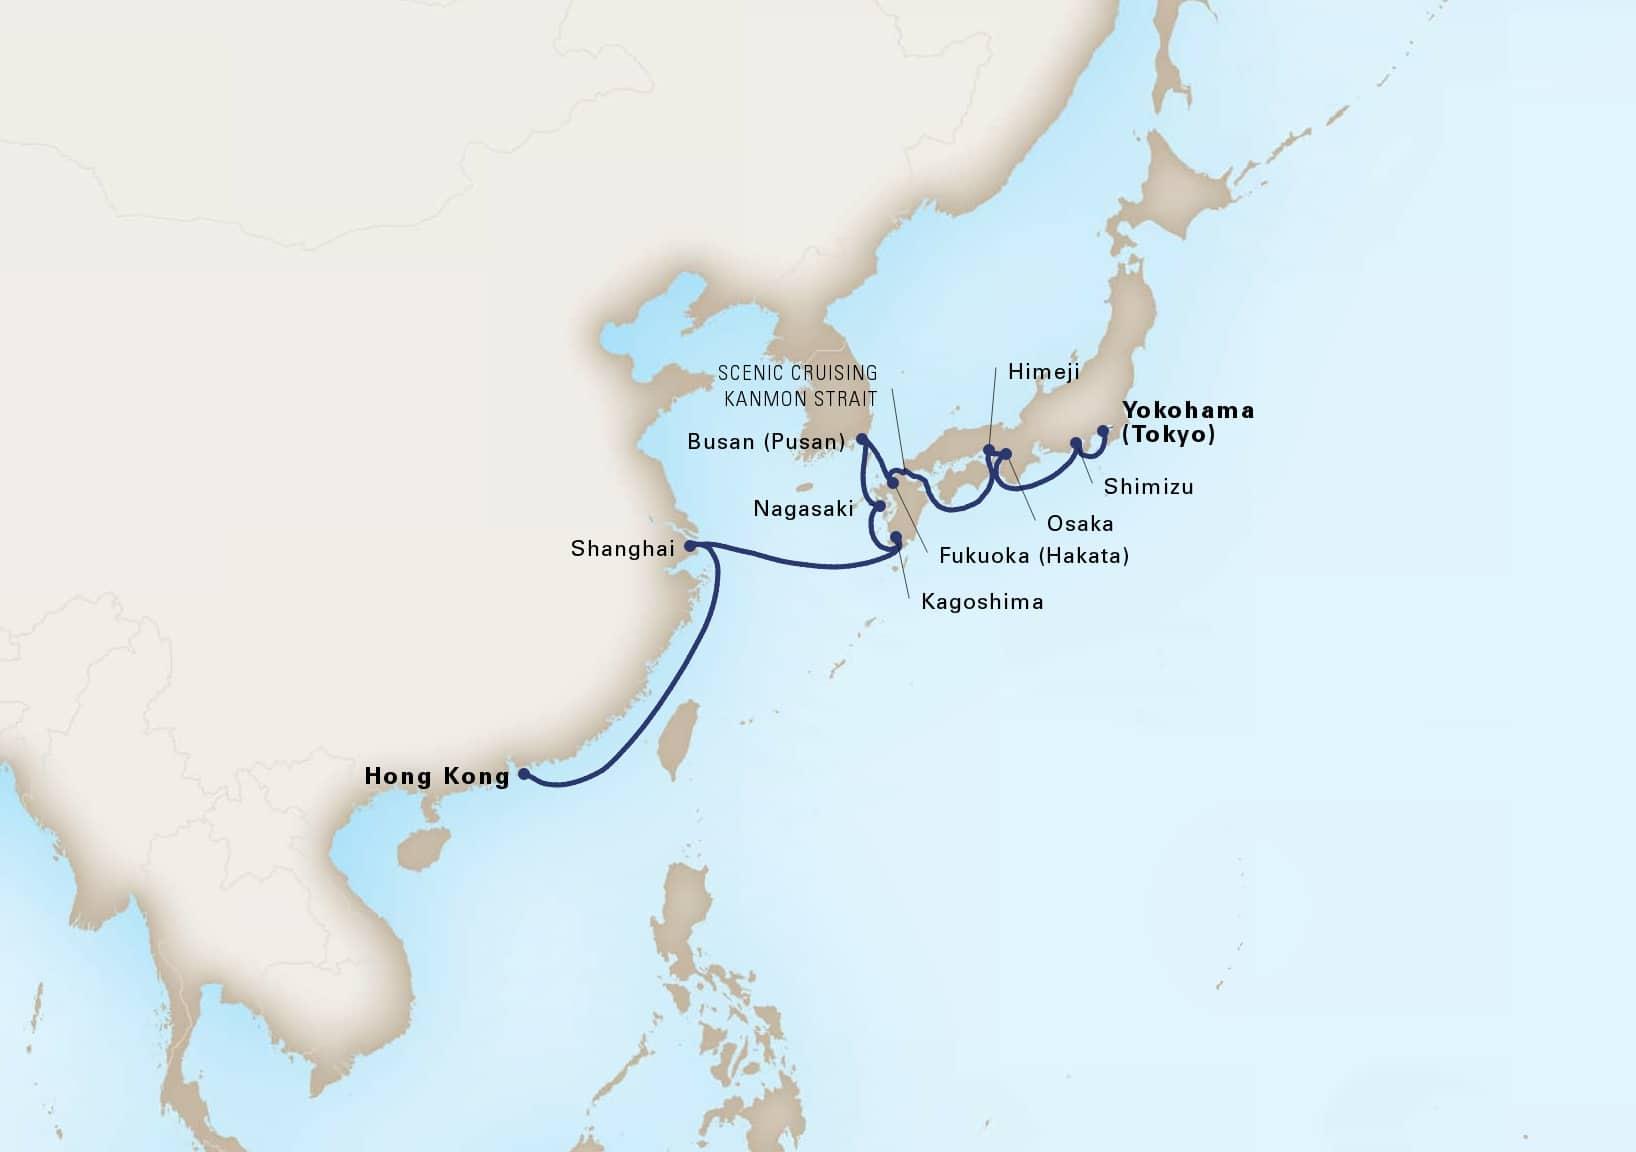 Map depicting the 14-day china & japan itinerary leaving from hong kong, china and arriving in yokohama (tokyo), japan.